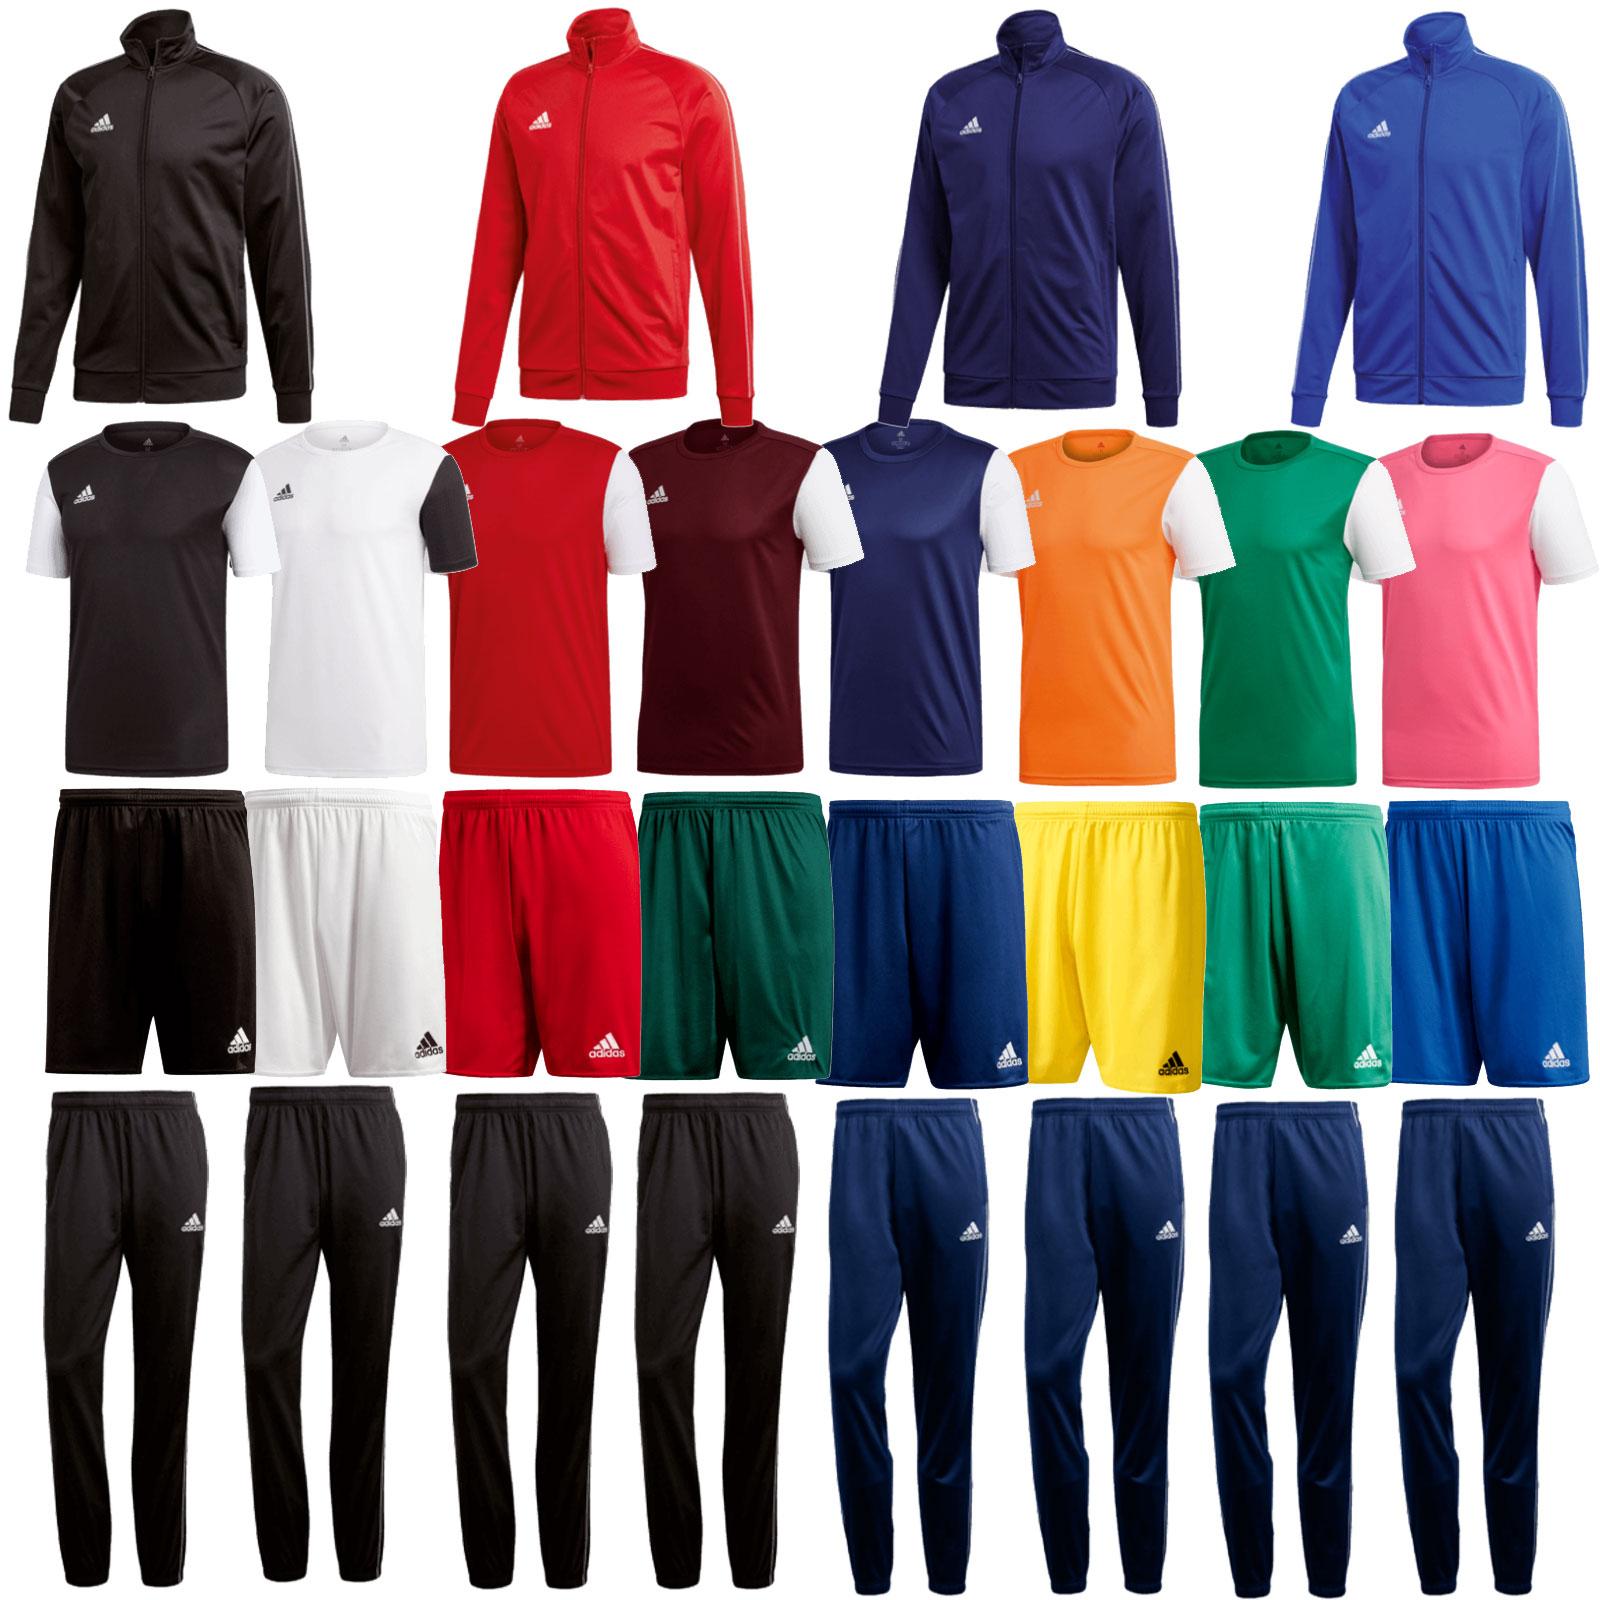 4-Delige adidas trainingsset - Mix & Match - diverse kleuren + maten